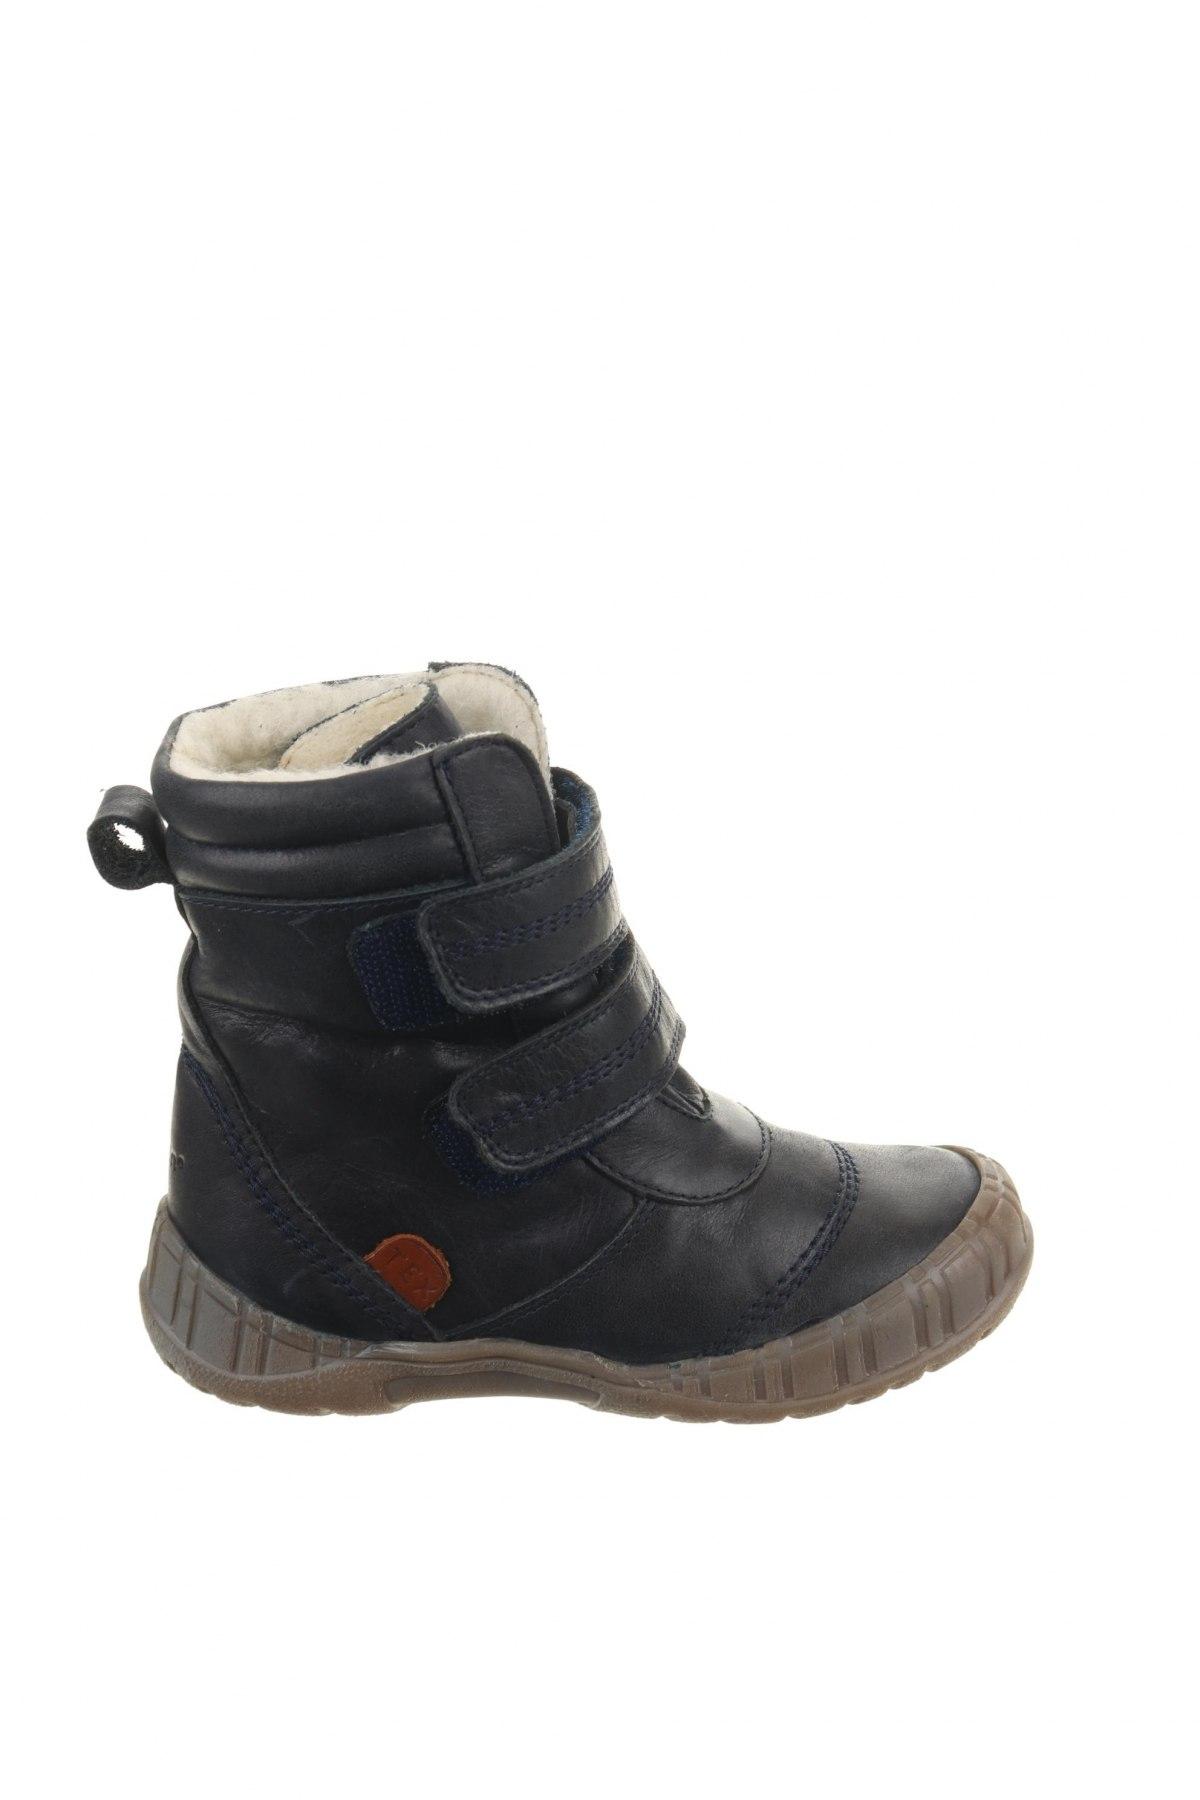 Παιδικά παπούτσια Pom Pom, Μέγεθος 26, Χρώμα Μπλέ, Γνήσιο δέρμα, Τιμή 36,54€